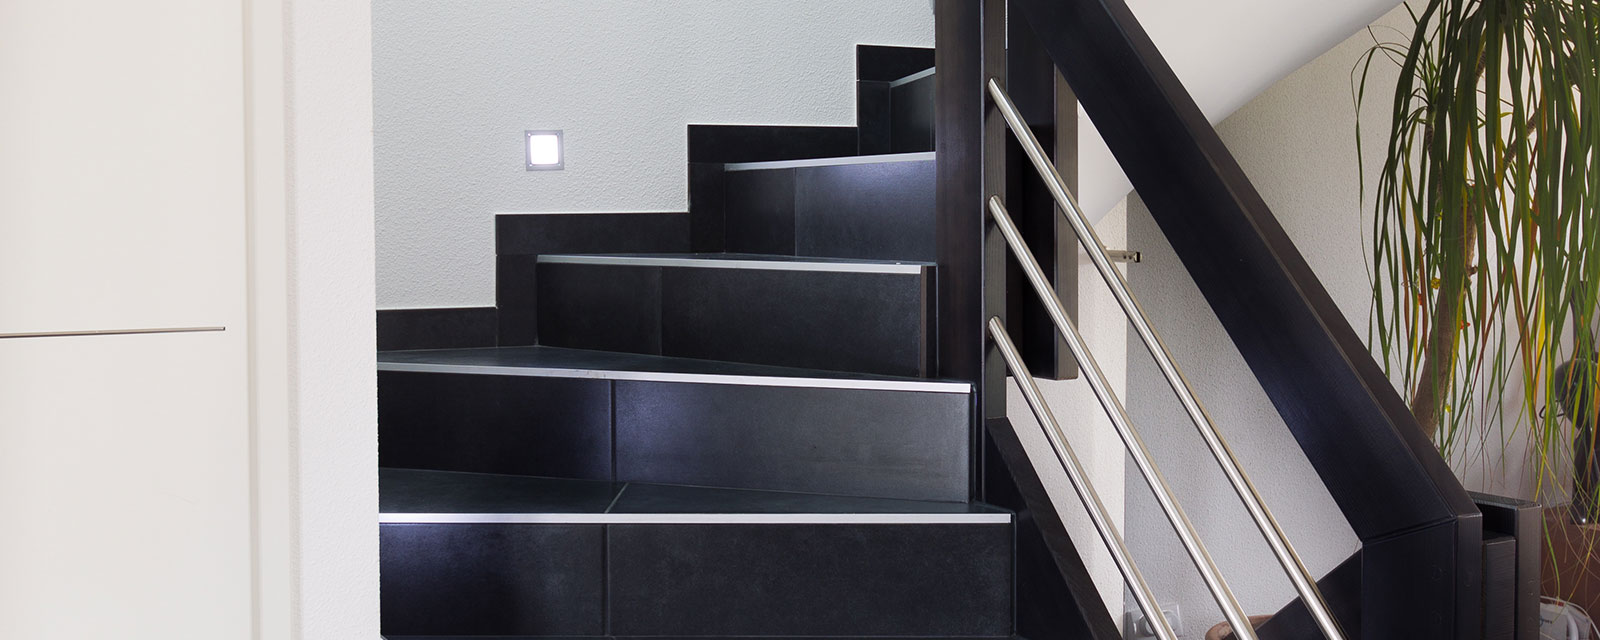 comment entretenir un escalier en carrelage guide artisan. Black Bedroom Furniture Sets. Home Design Ideas